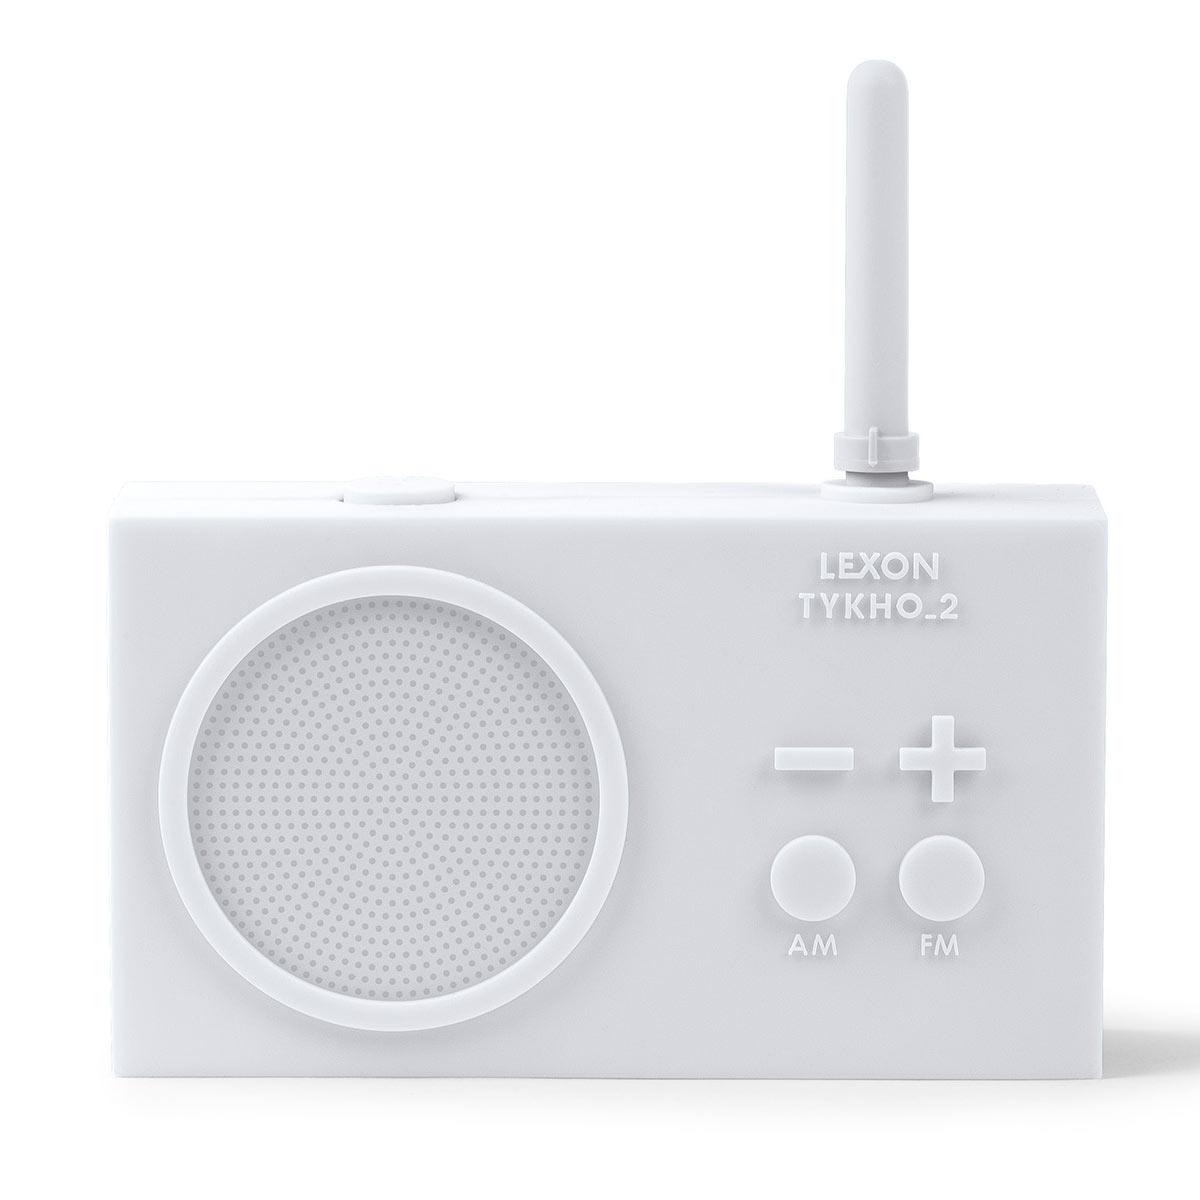 Radio TYKHO 2 blanc